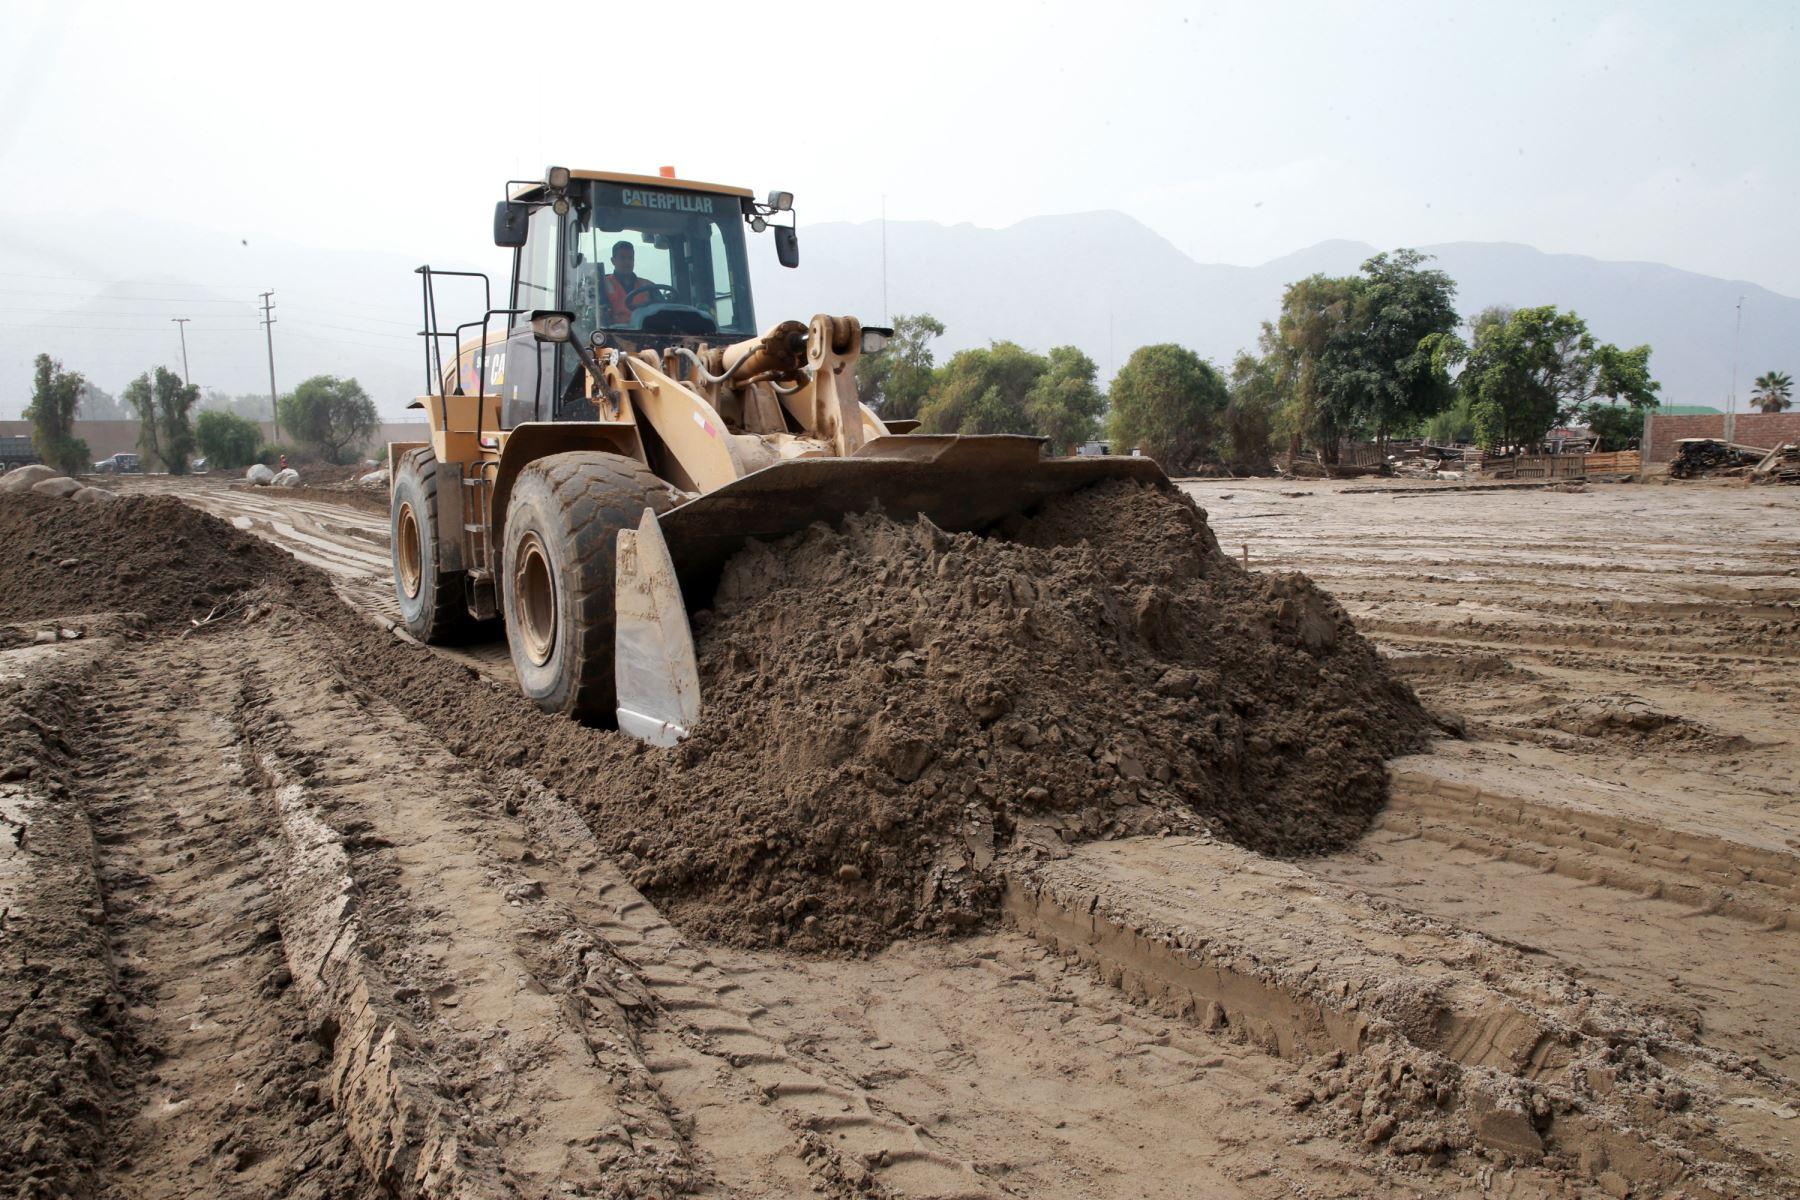 Los trabajos de reconstrucción en 32 calles de Huachipa culminarán este año. Foto: ANDINA/Norman Córdova